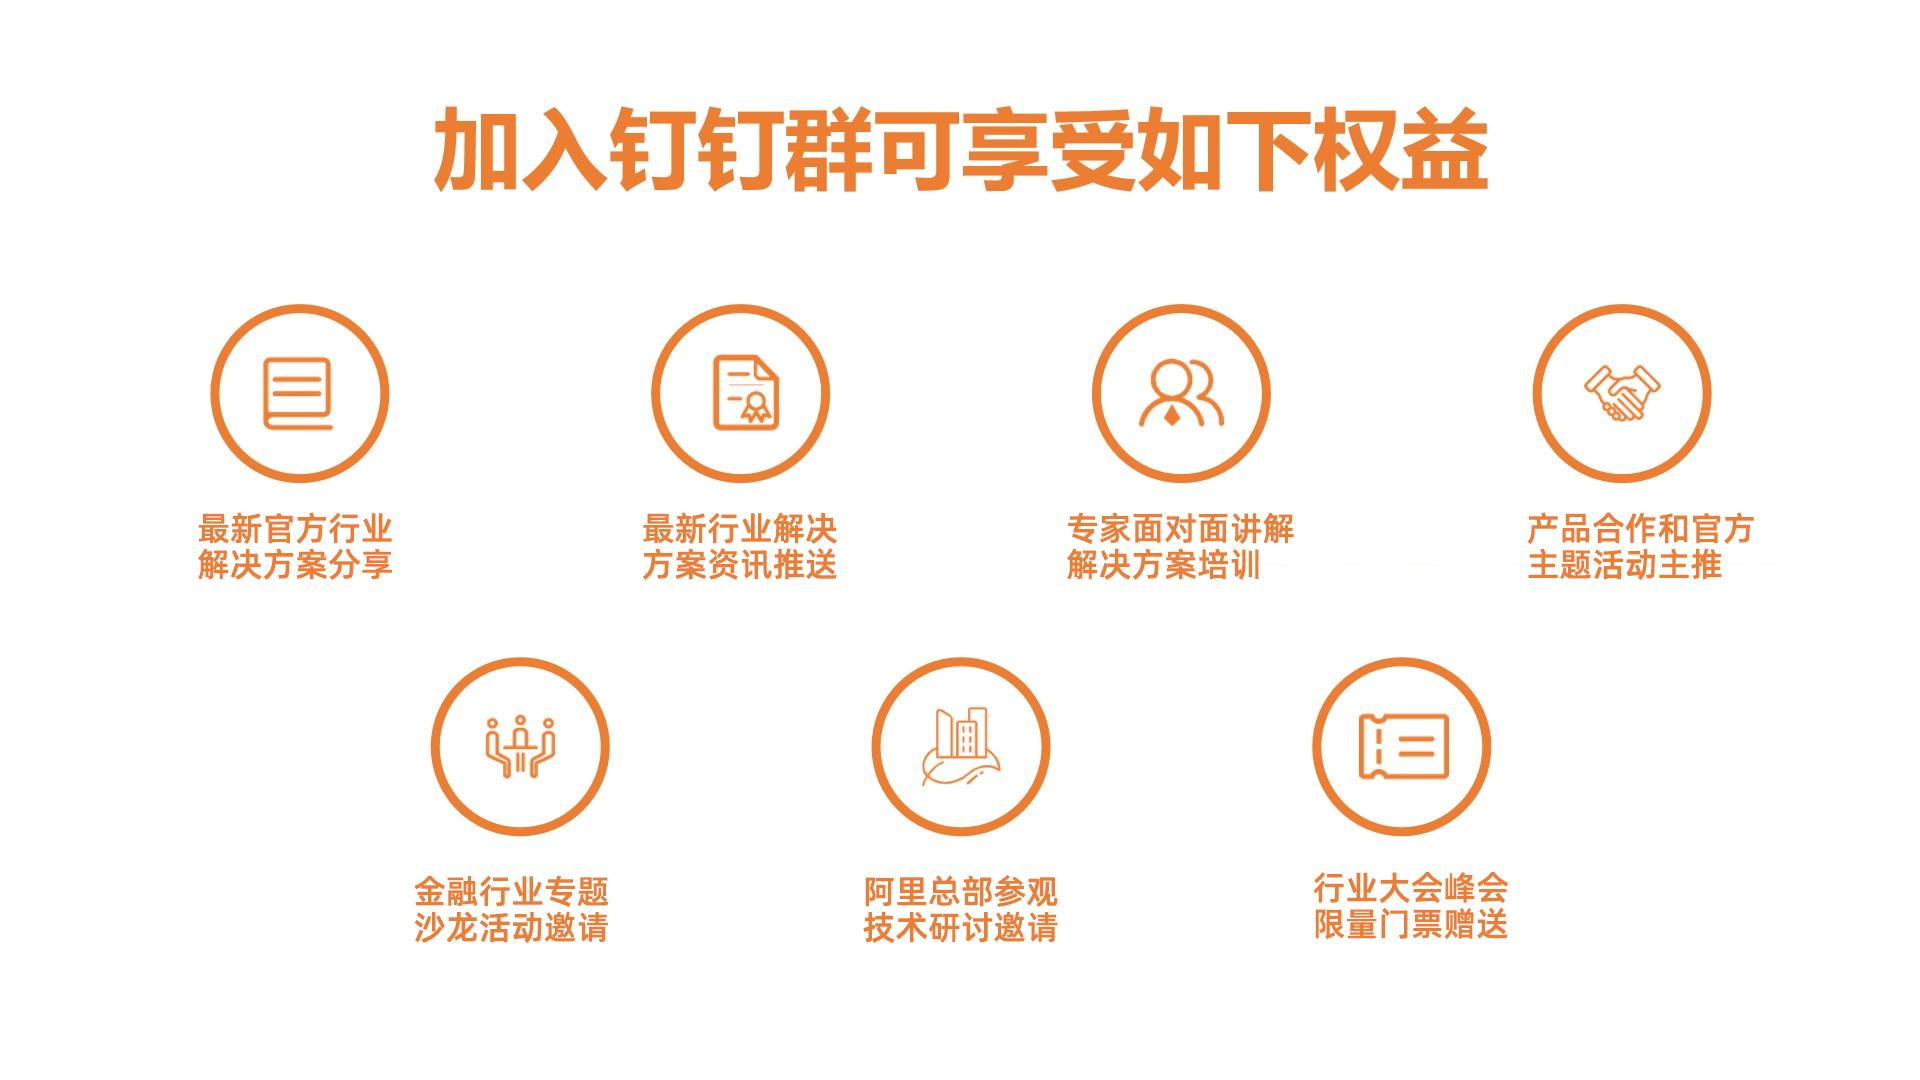 金融行业咨询二维码2.jpg